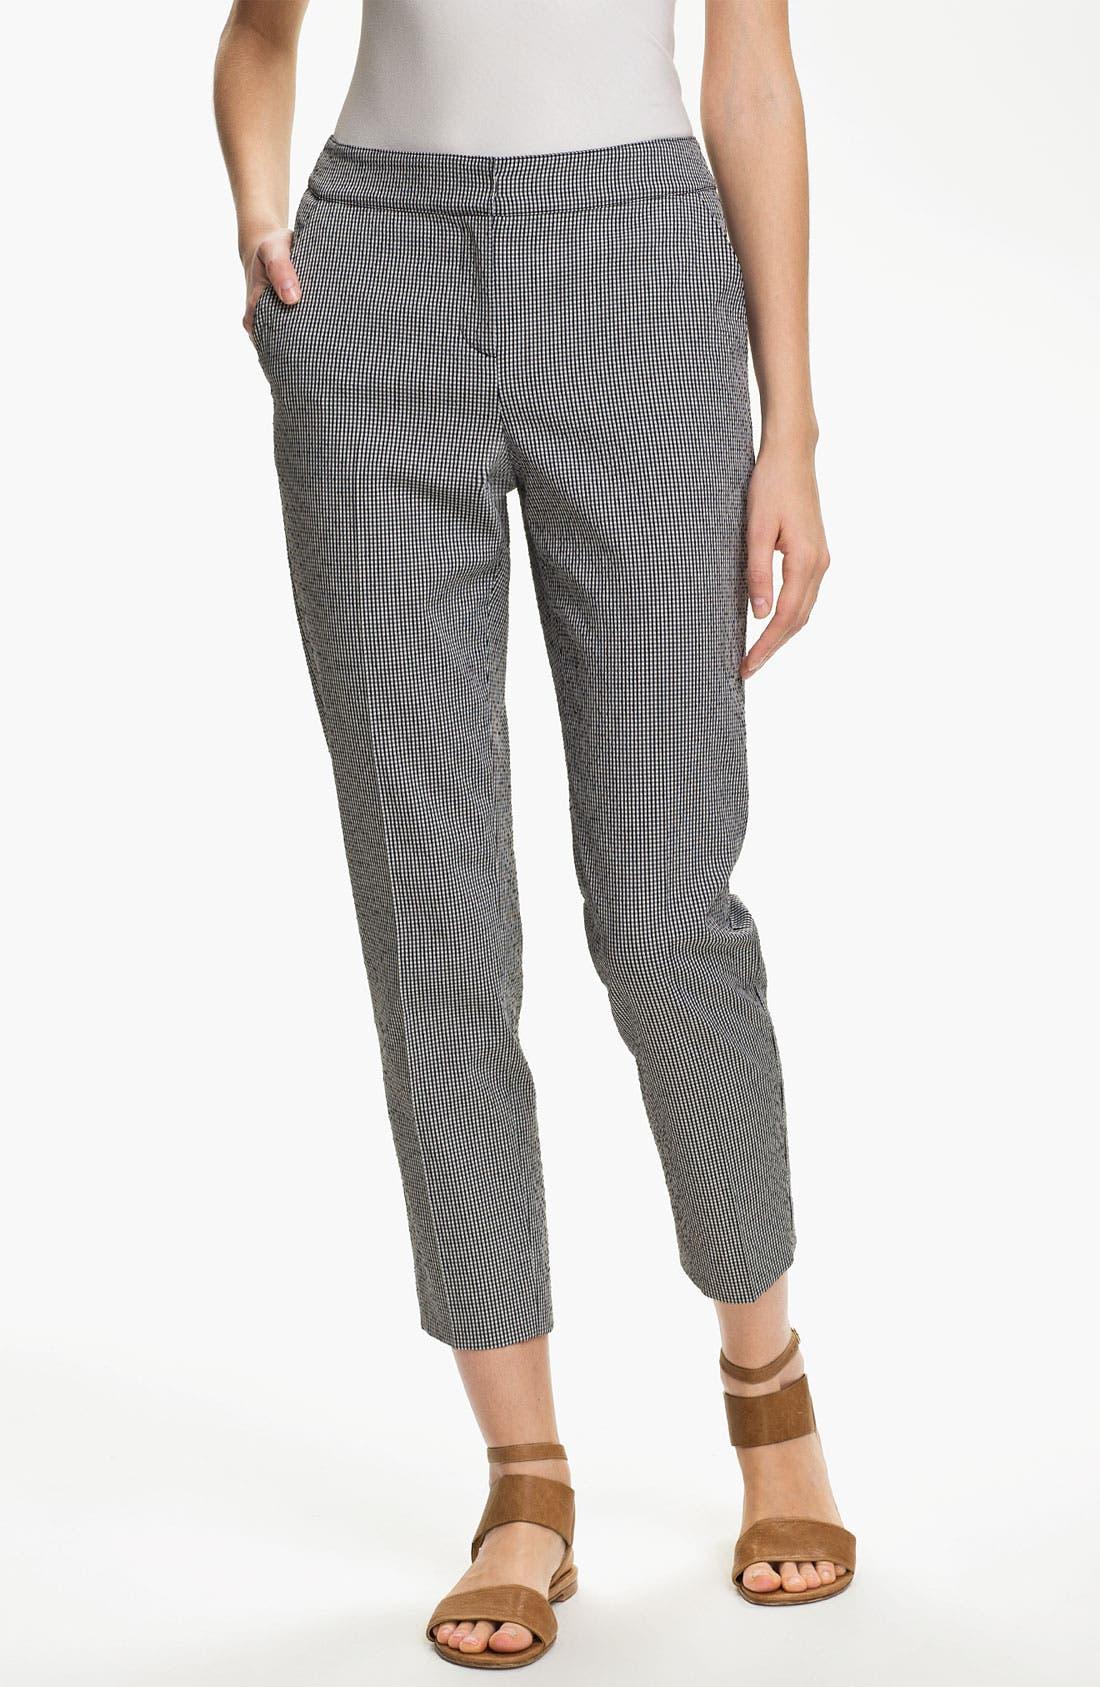 Main Image - St. John Yellow Label 'Emma' Vichy Check Crop Pants